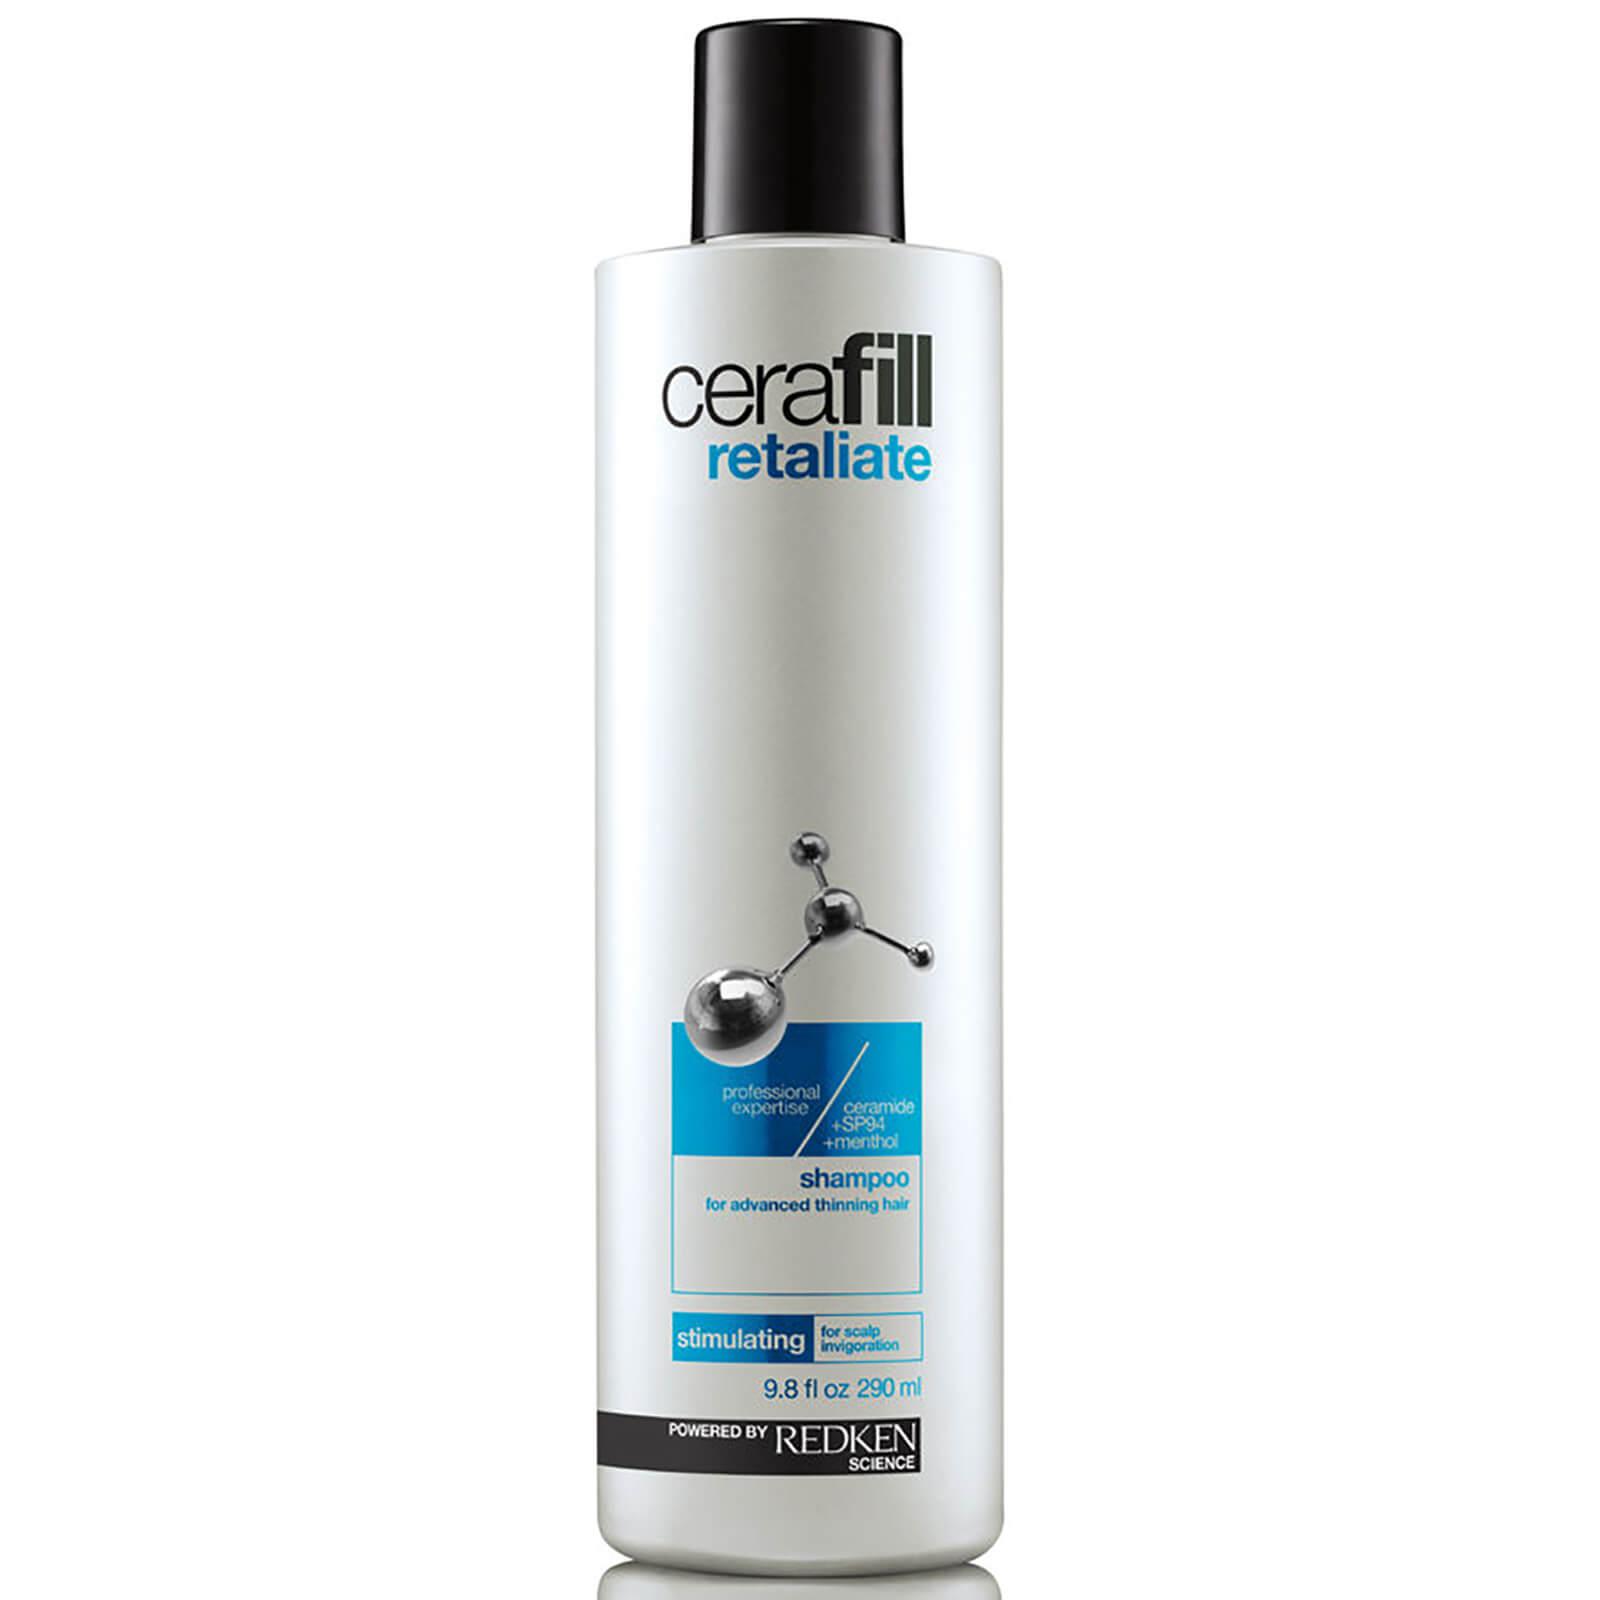 redken cerafill shampoo